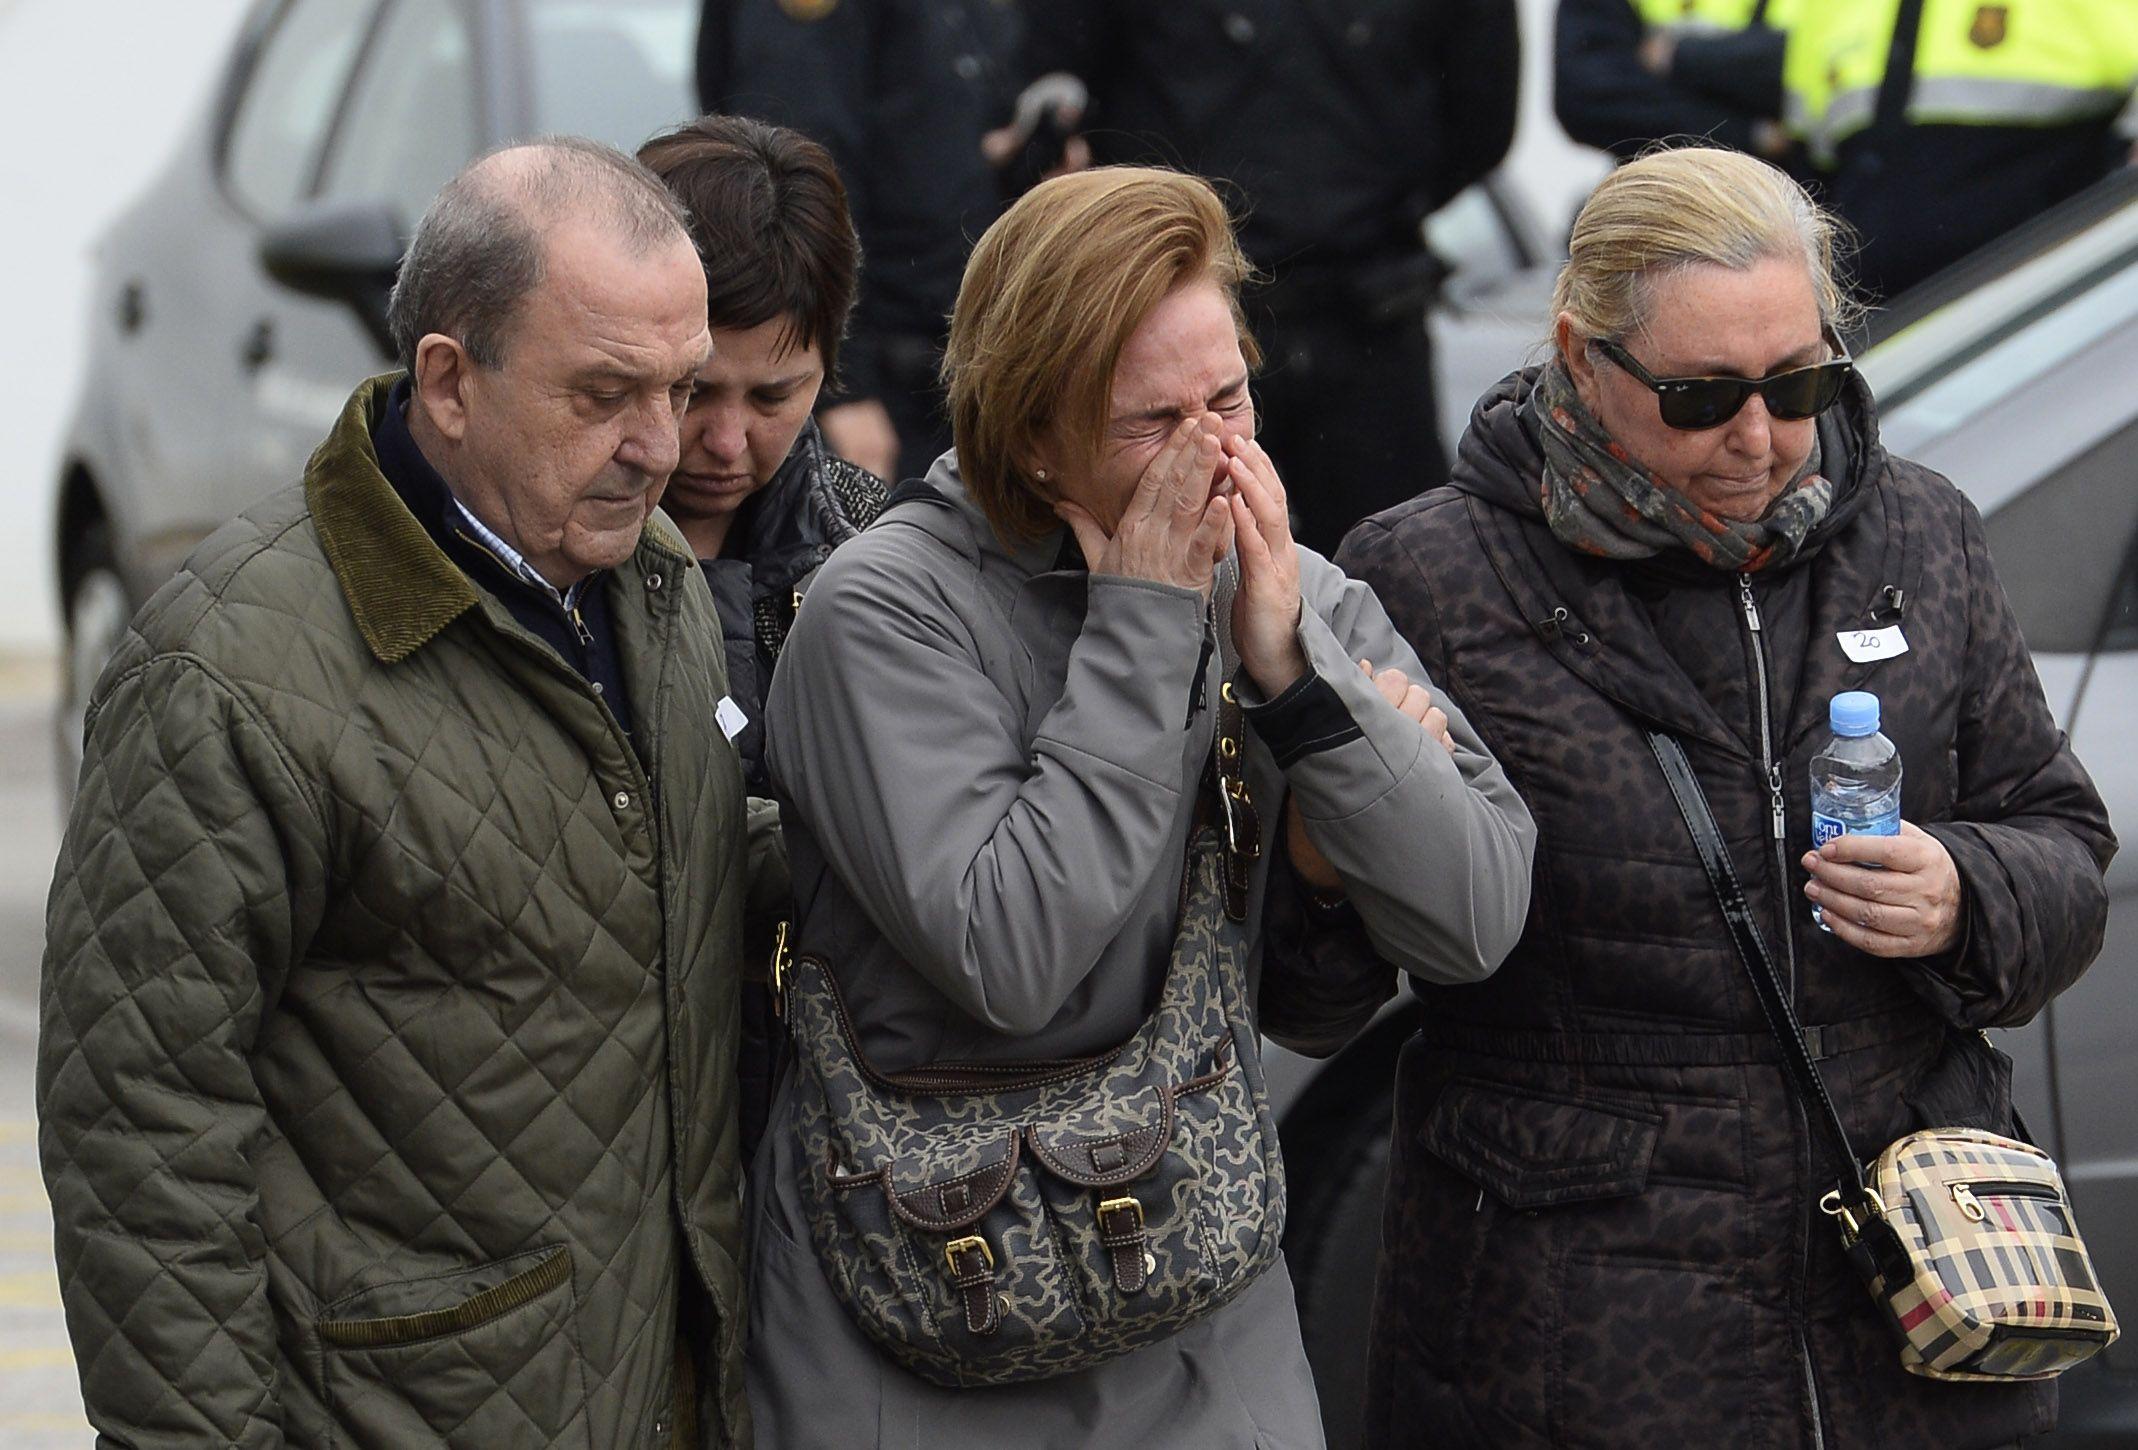 Reporte: Piloto iba afuera de cabina de avión de Germanwings